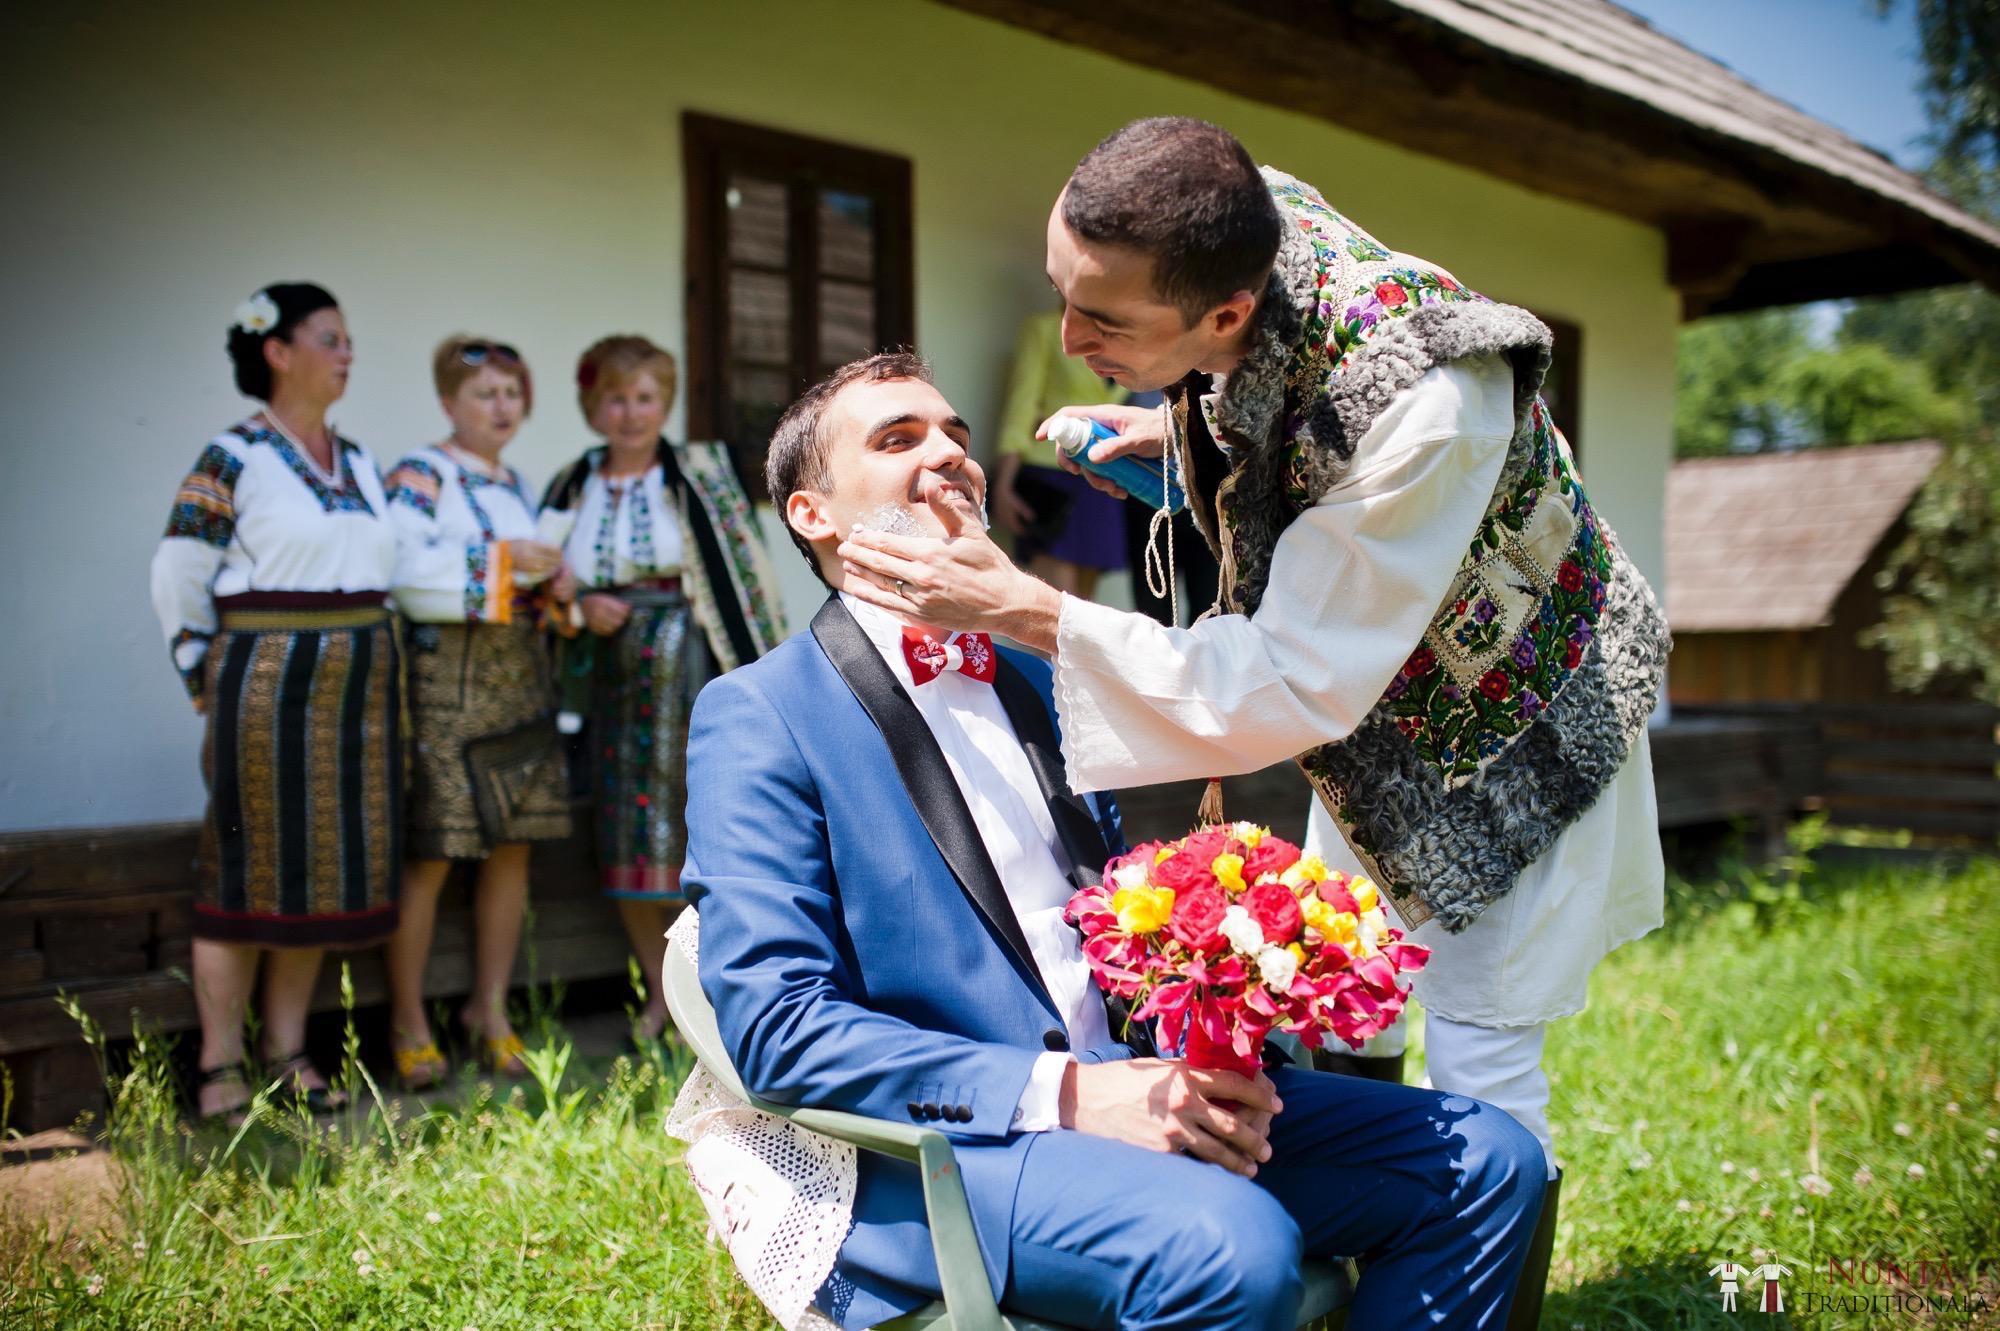 Povești Nunți Tradiționale - Gabriela și Mădălin - Nuntă Tradițională în Suceava, Bucovina 93